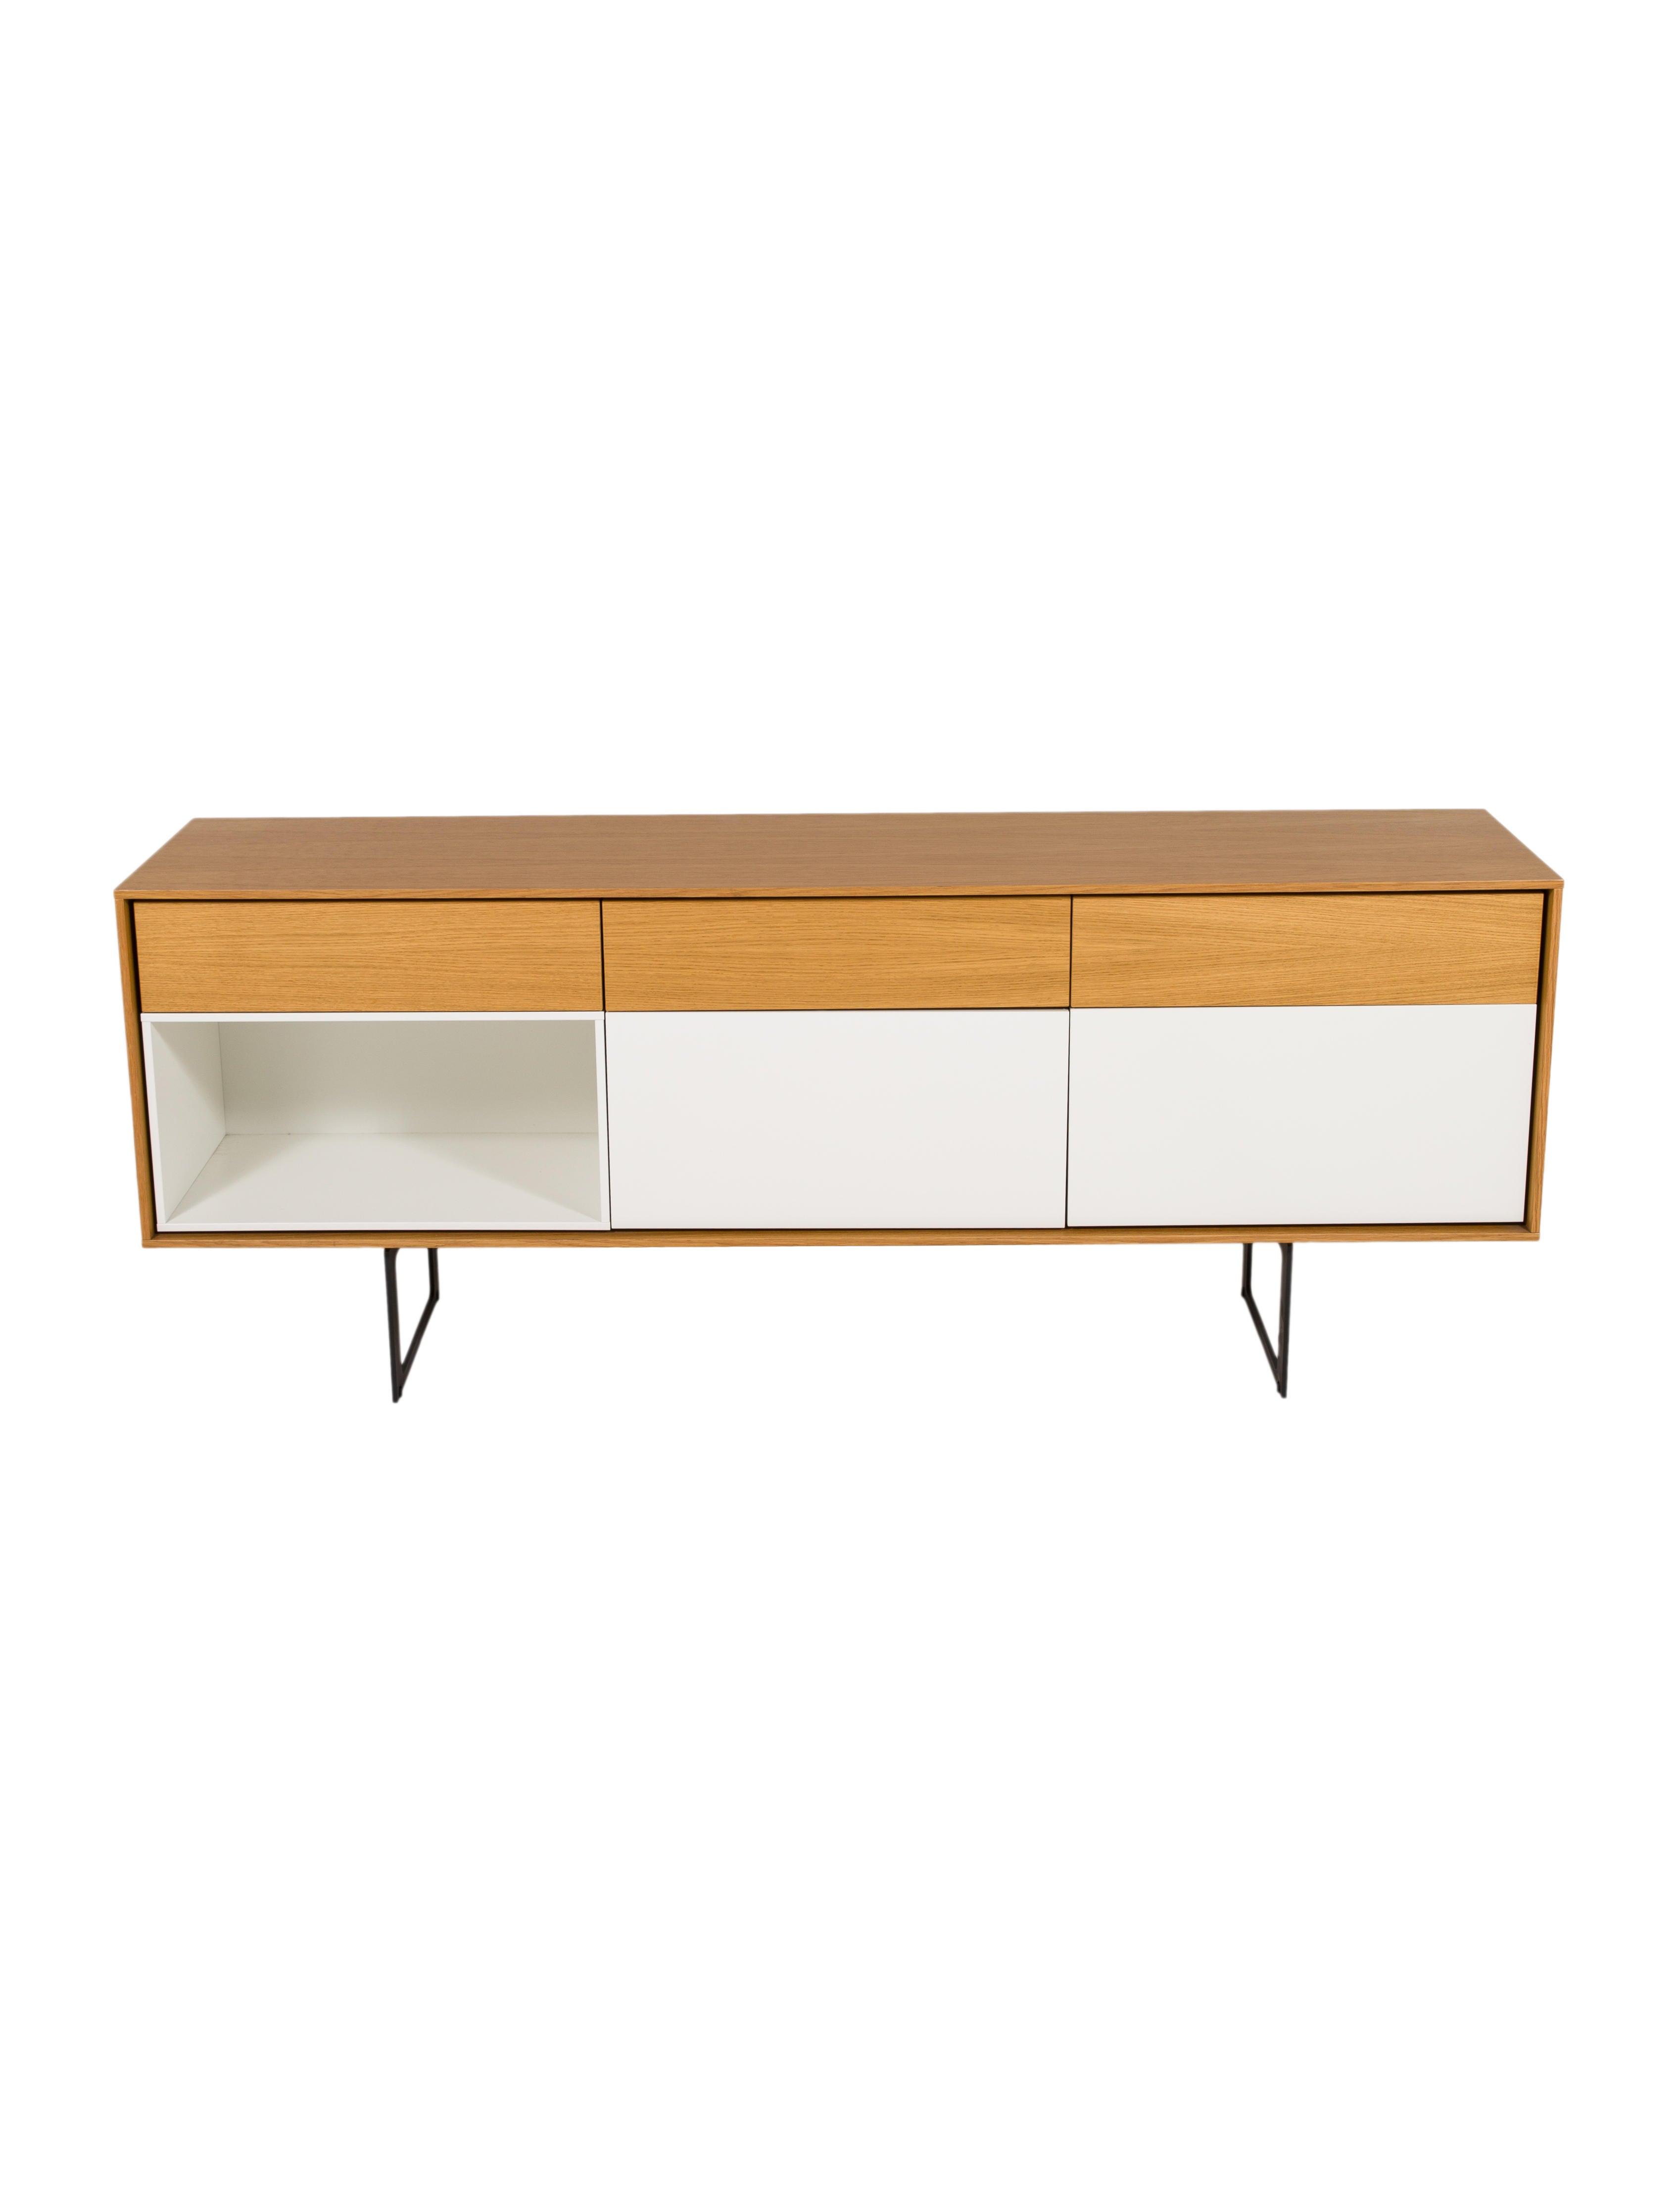 Muebles Treku Aura Credenza Furniture Furni20591 The Realreal # Gebrauchte Muebles